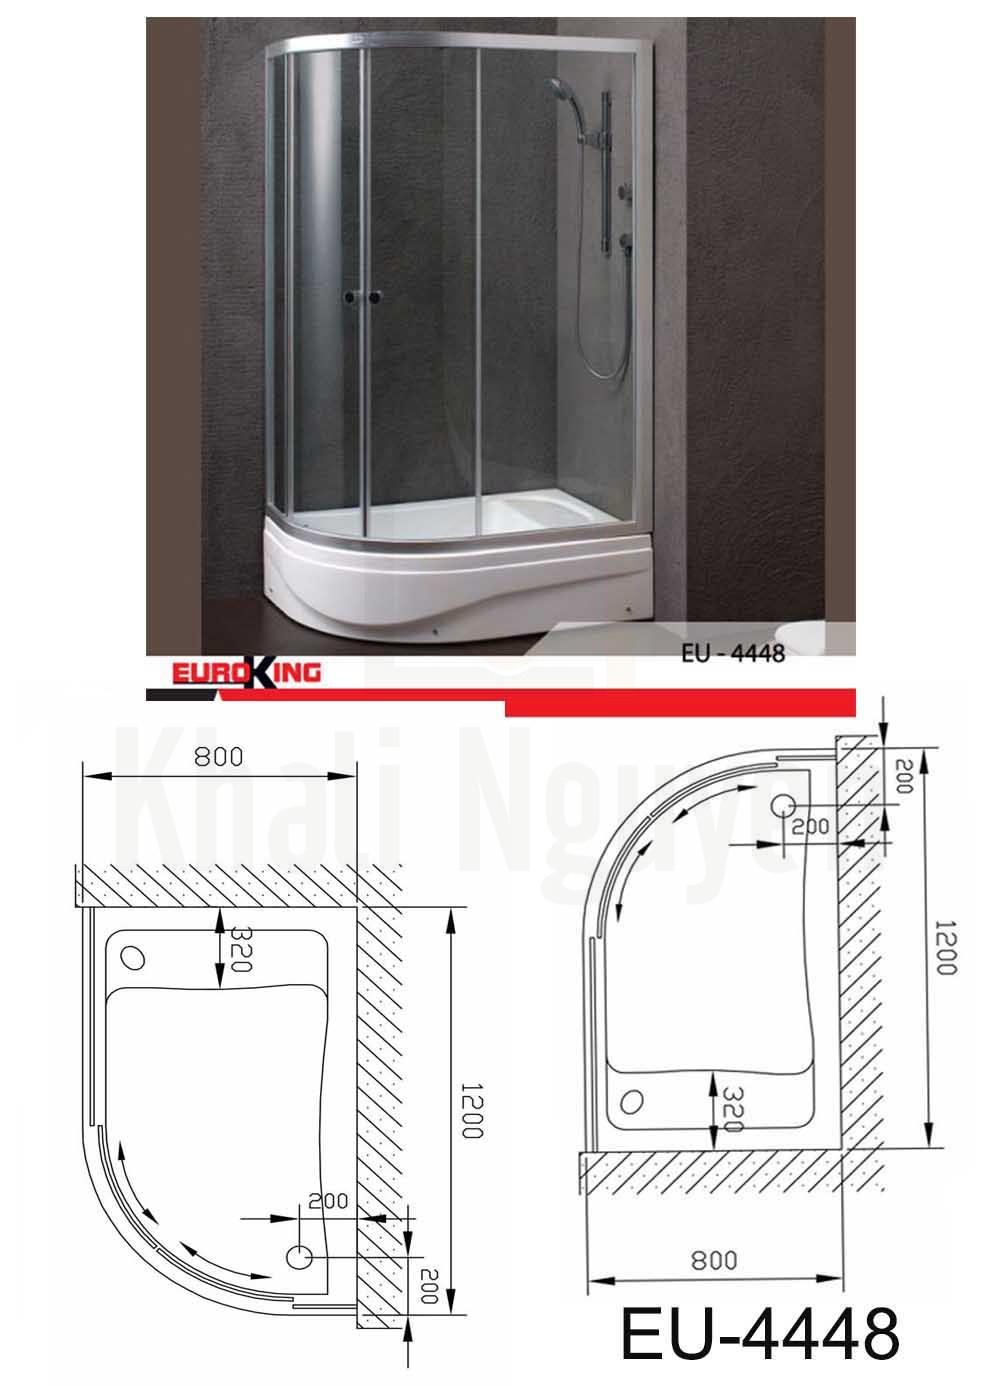 Bản vẽ Phòng tắm vách kính Euroking EU-4448A